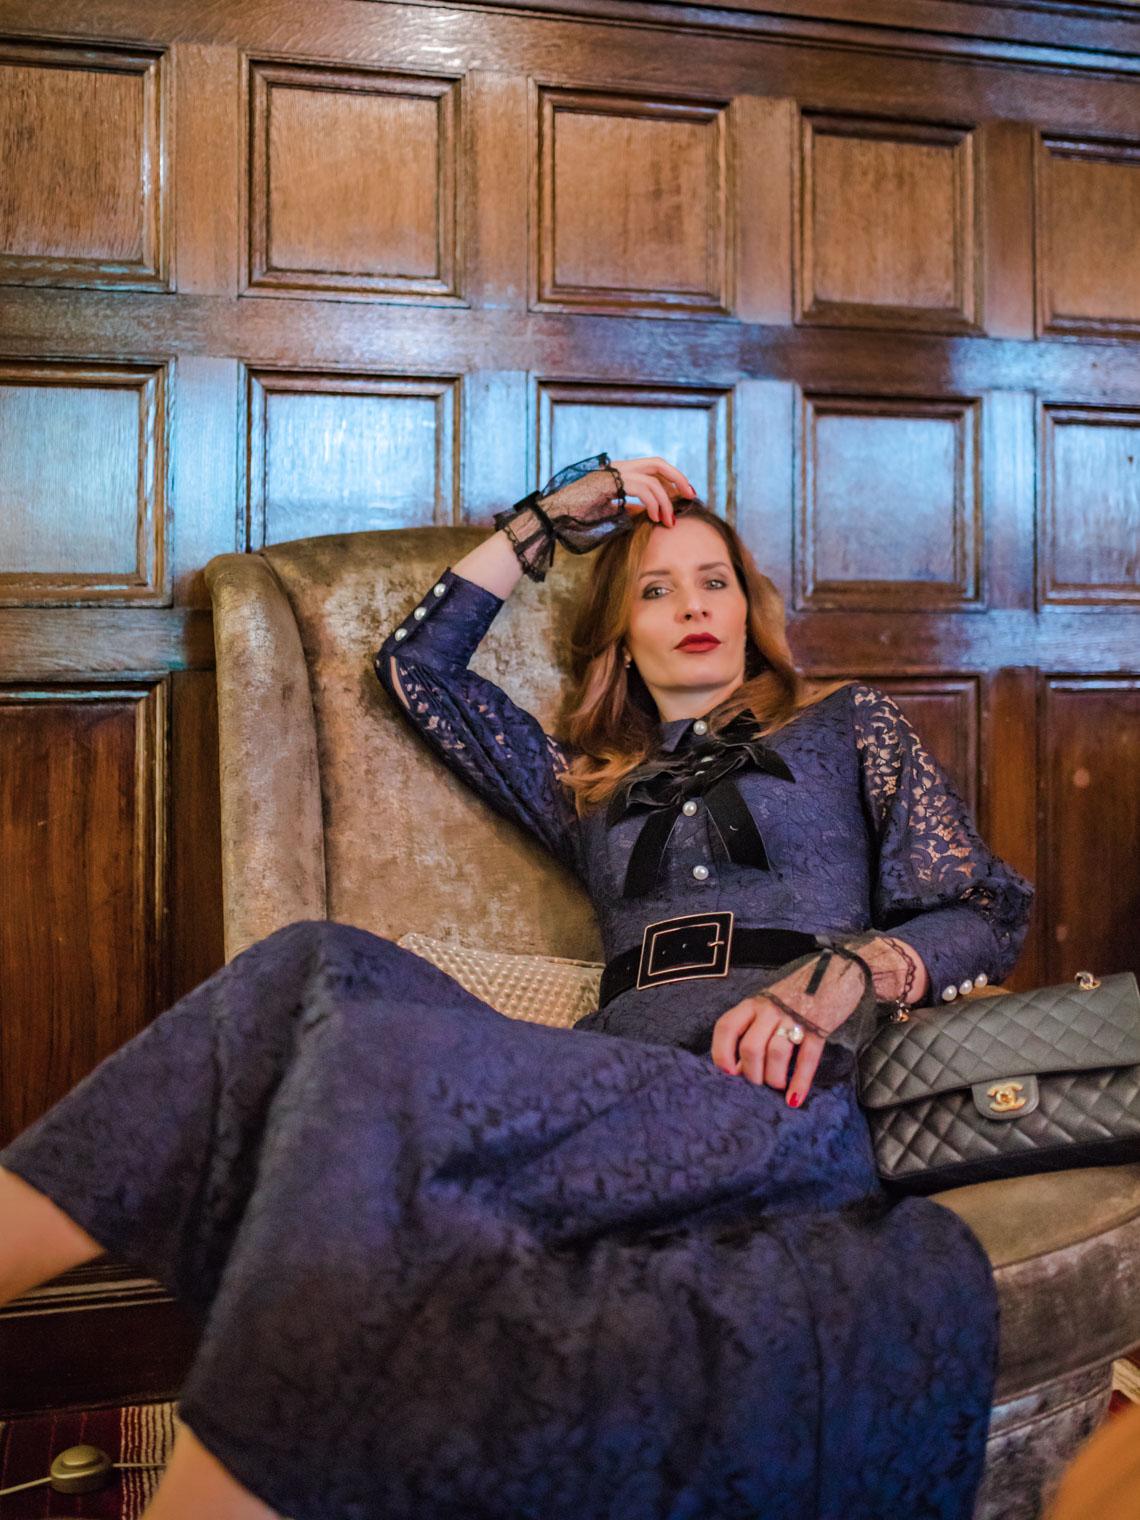 Blue lace Atlantic Pacific midi dress Chanel bag Azima Exclusive